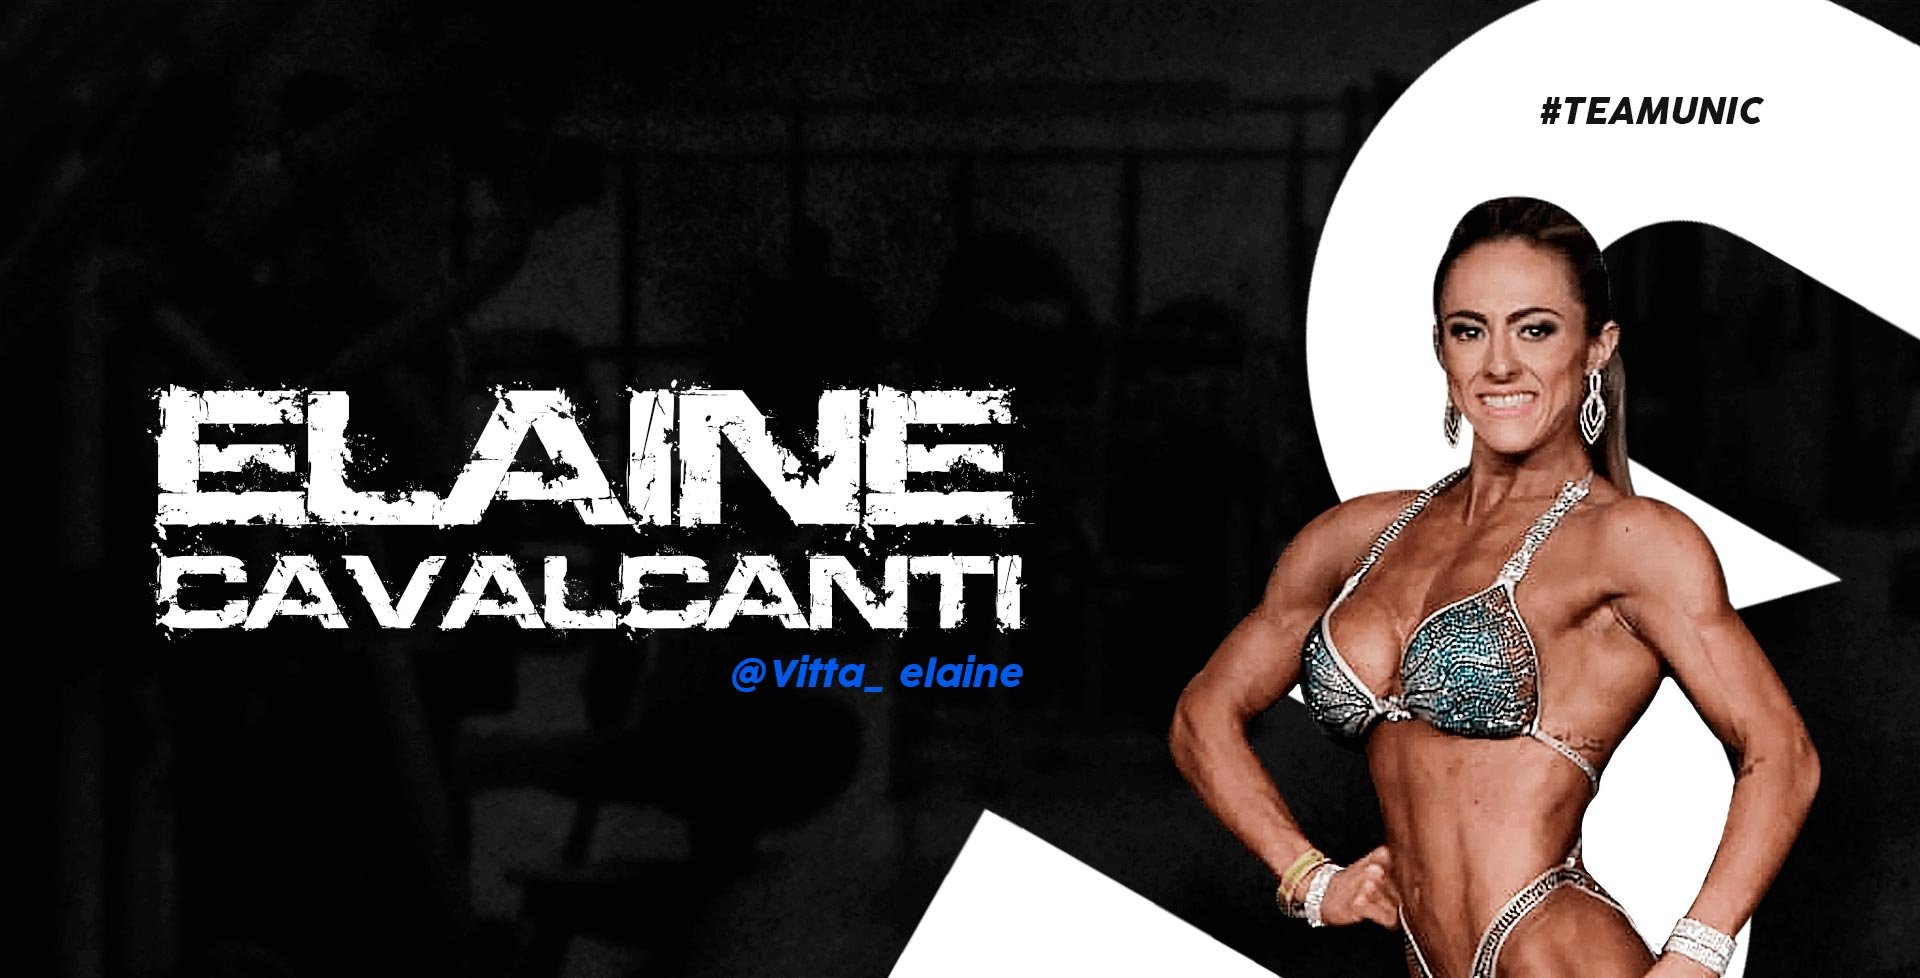 Elaine Cavalcanti